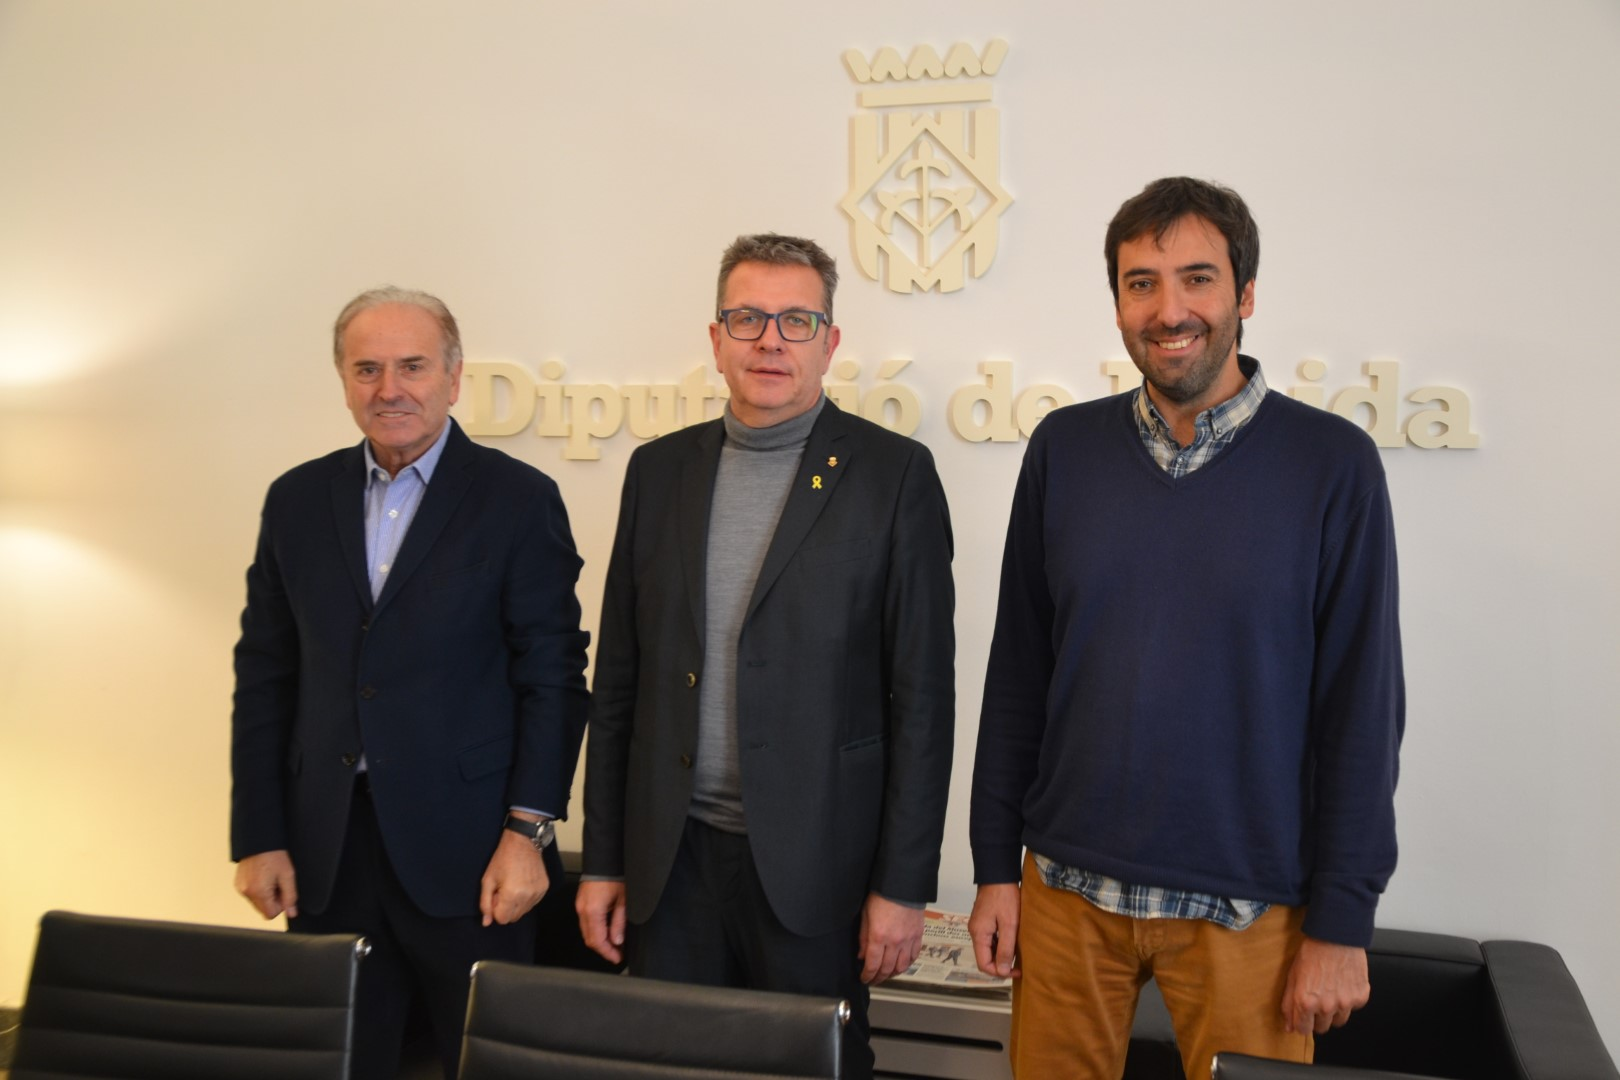 La Diputació lliura 5.000 ampolles d'oli de producció pròpia per al Gran Recapte del Banc dels Aliments